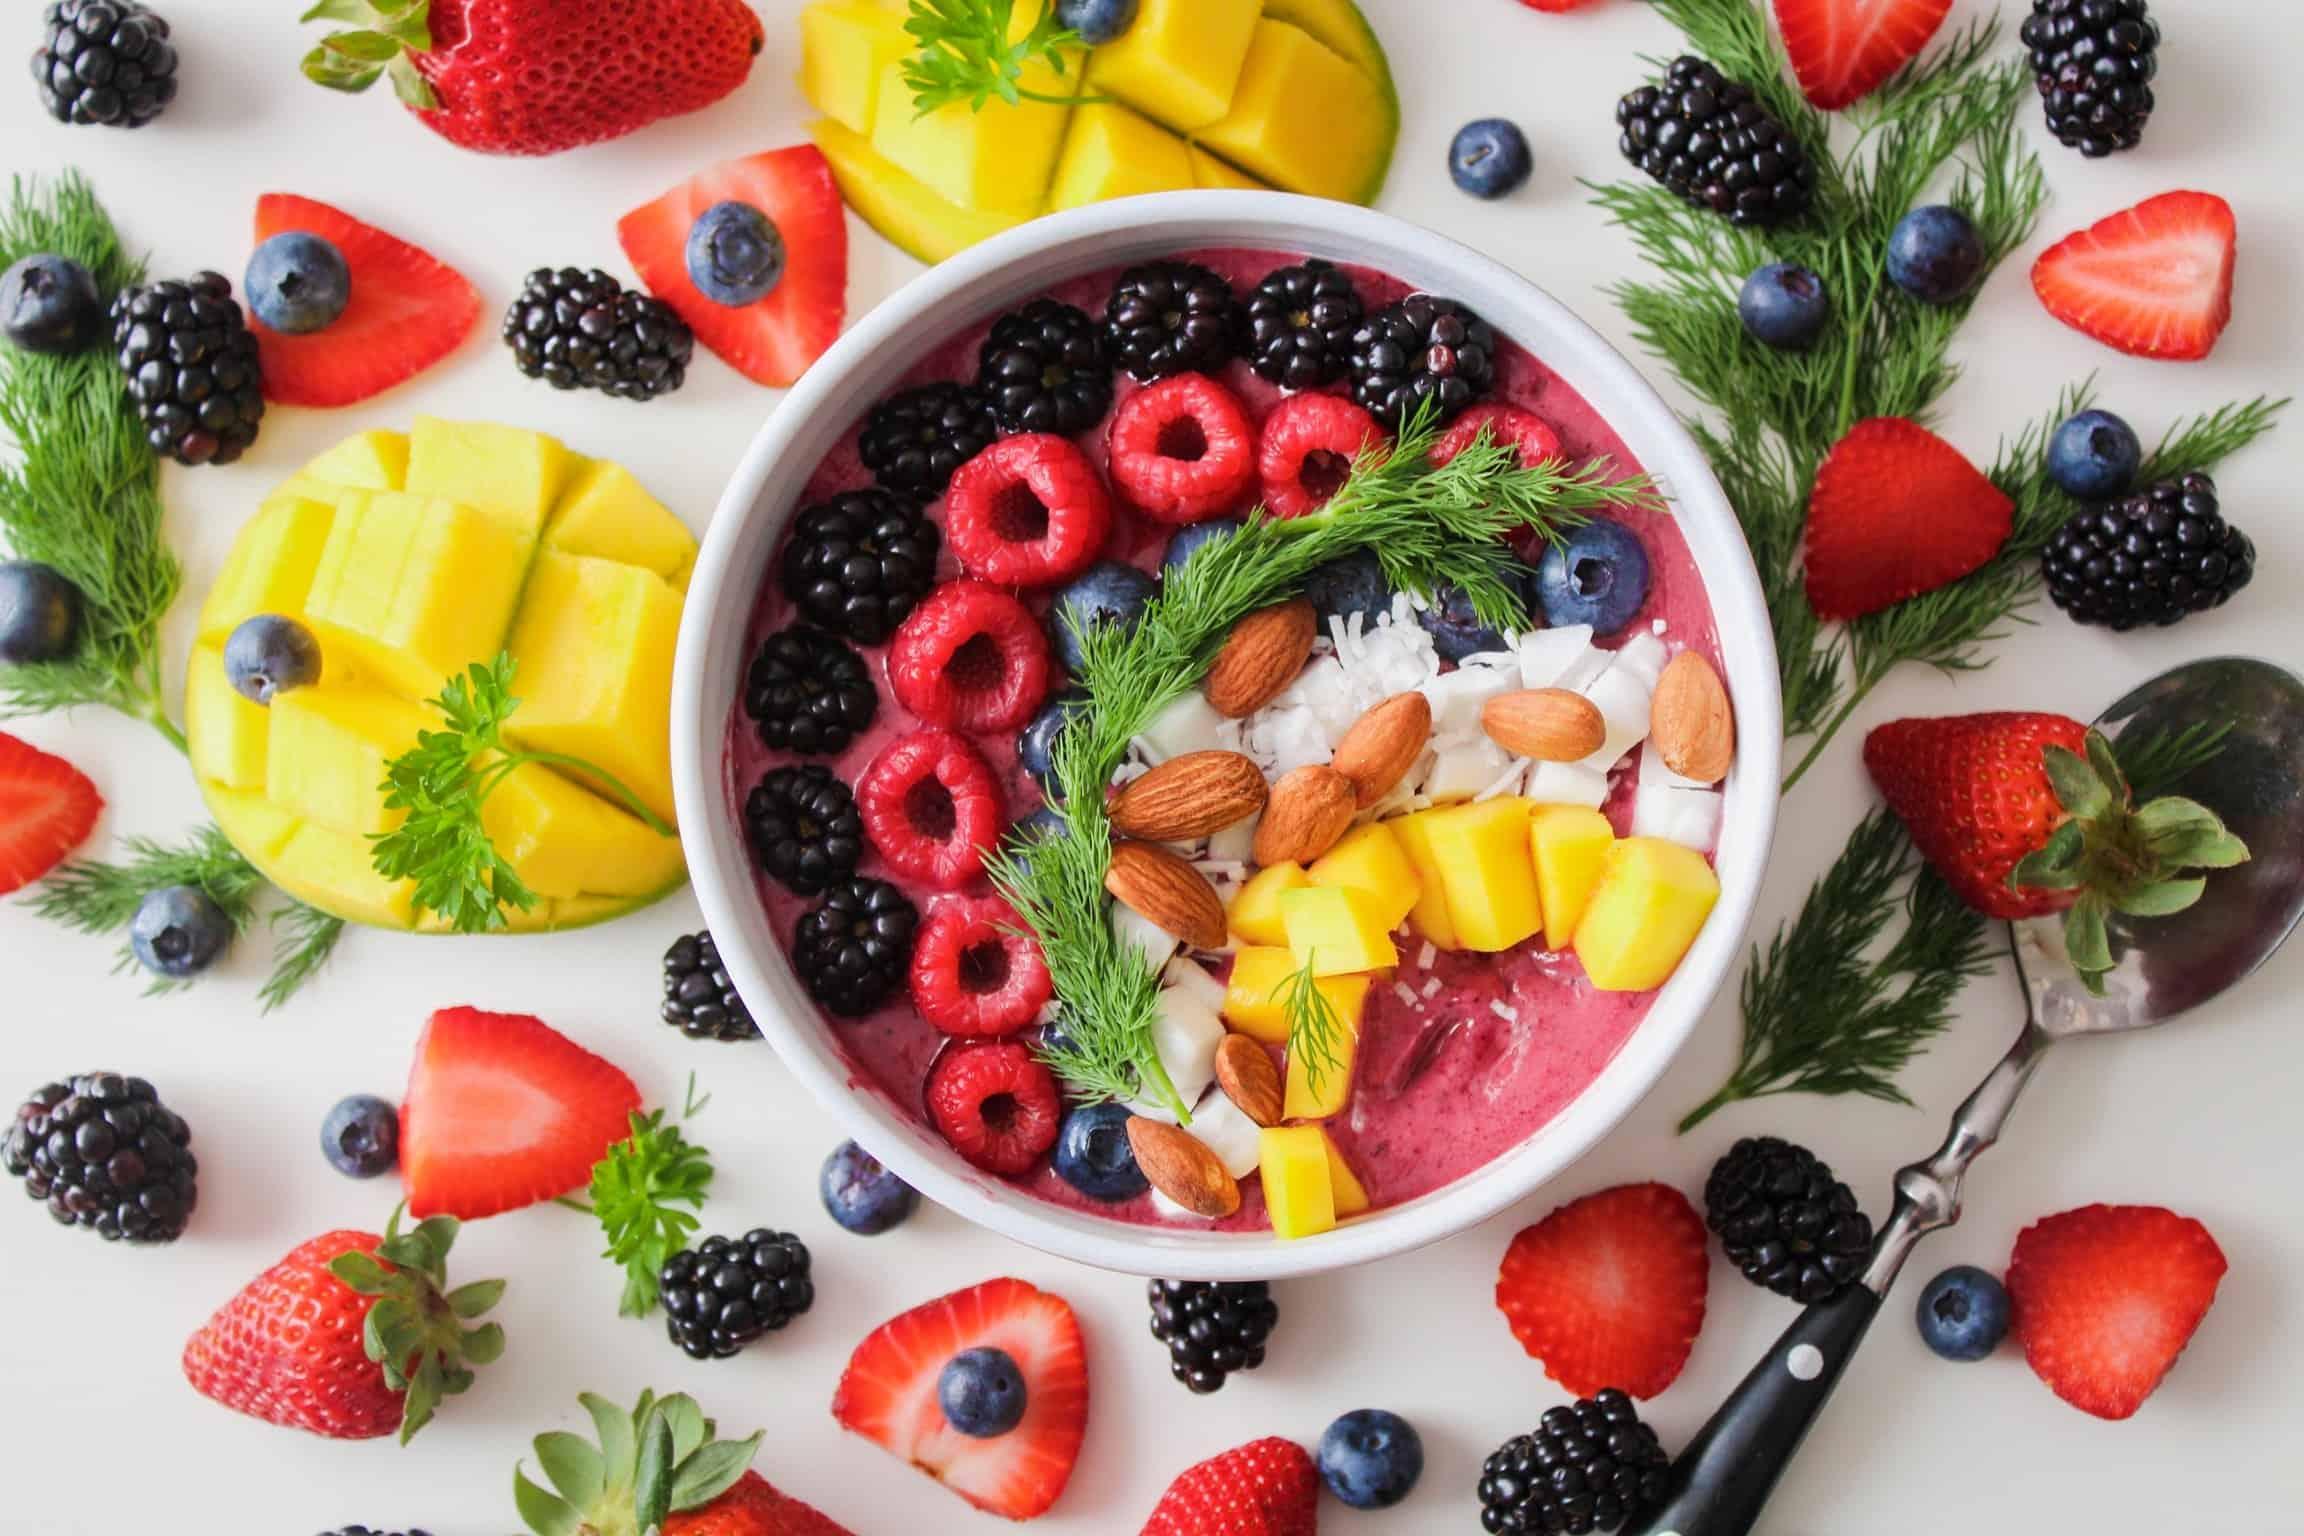 Fitness Frühstück: Für einen gesunden Start in den Tag